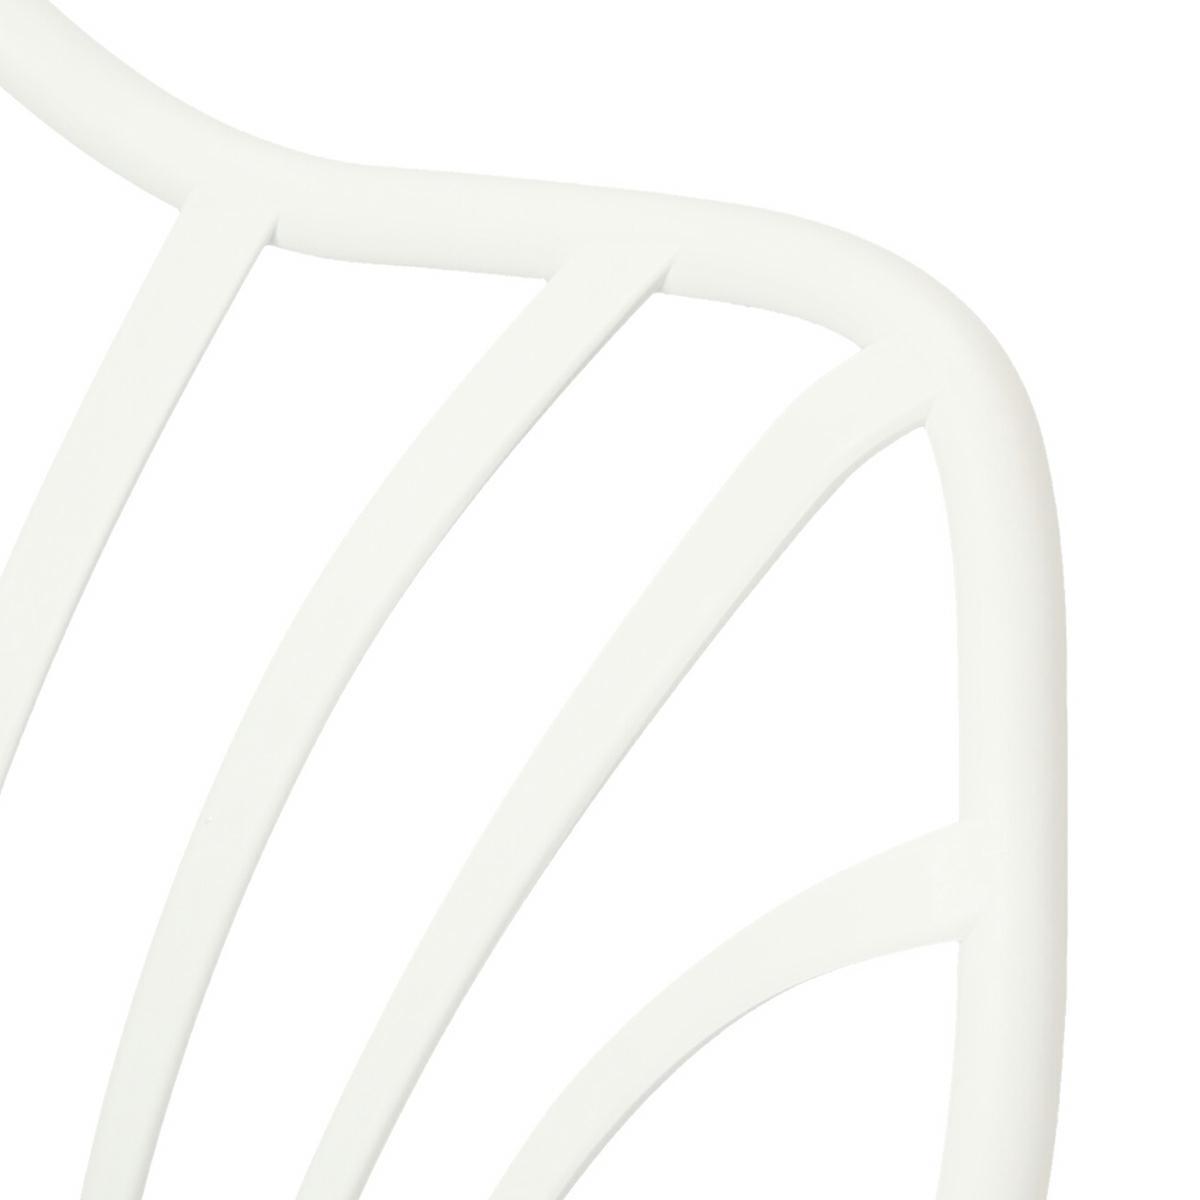 Krzesło Sirena z podłokietnikami białe - zdjęcie nr 9